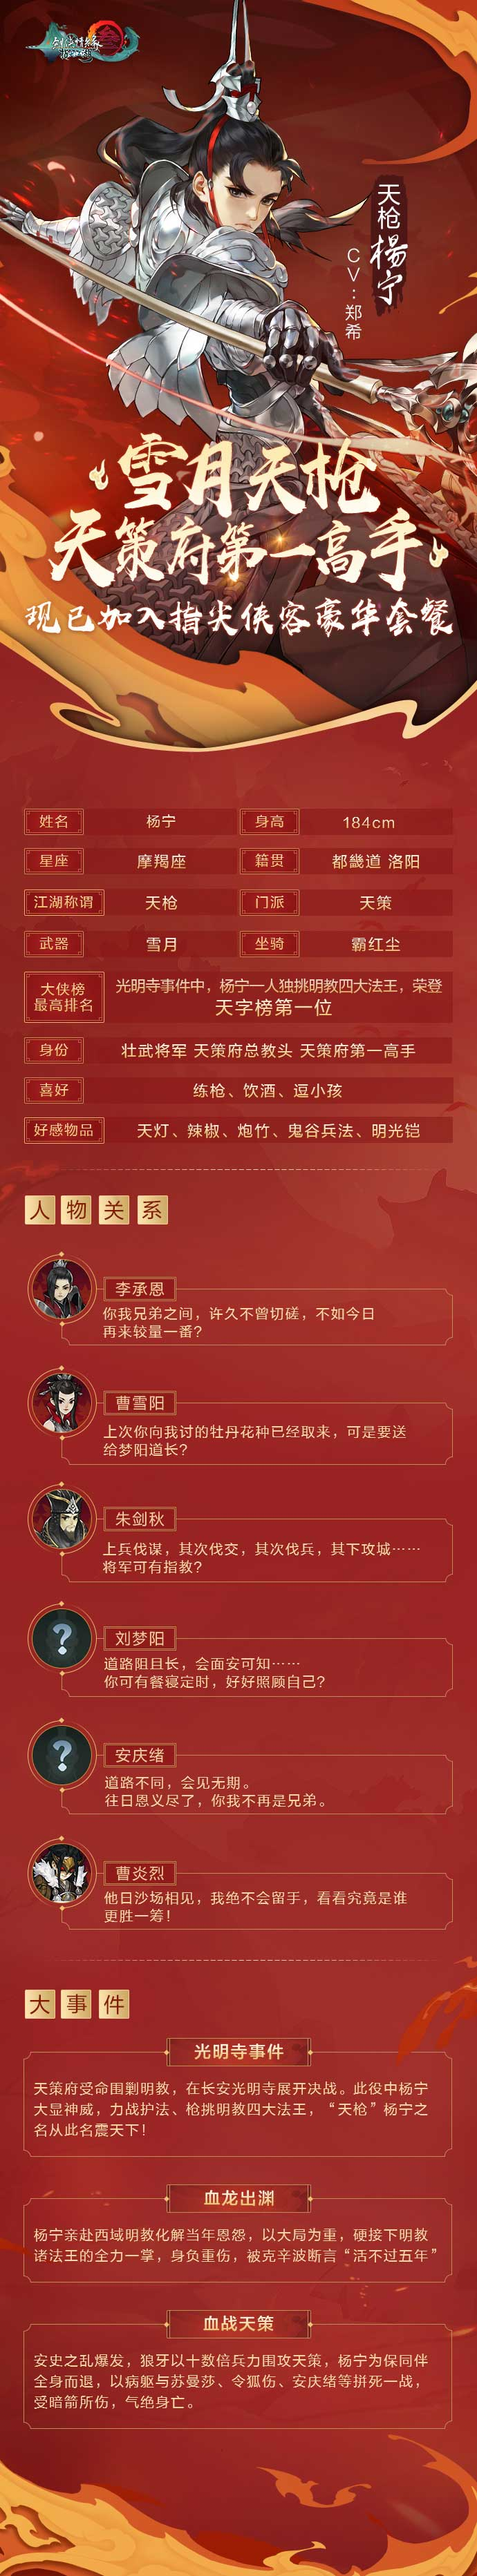 《剑网3:指尖江湖》天枪杨宁侠客详解 白马金羁侠少年